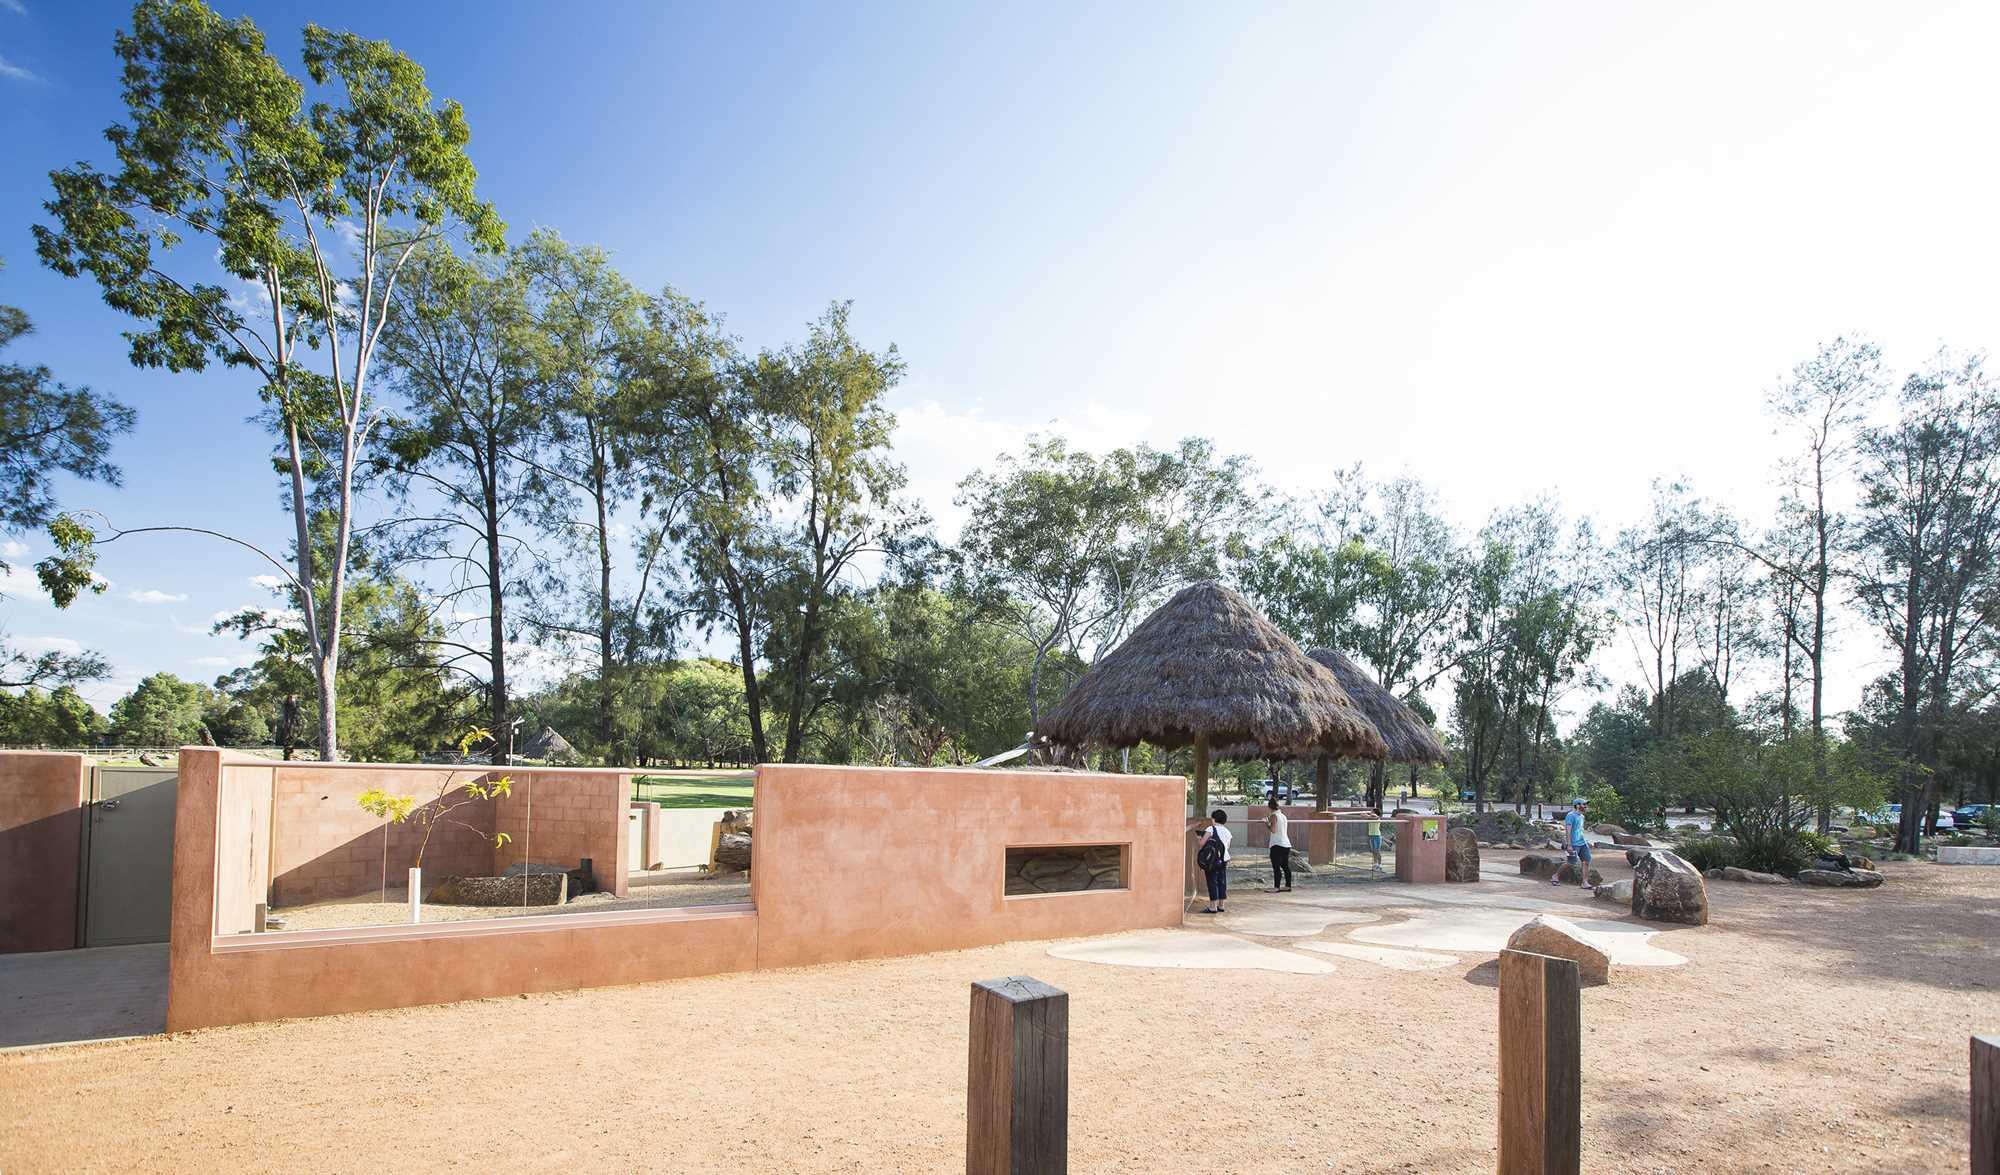 Meerkat Enclosure 3